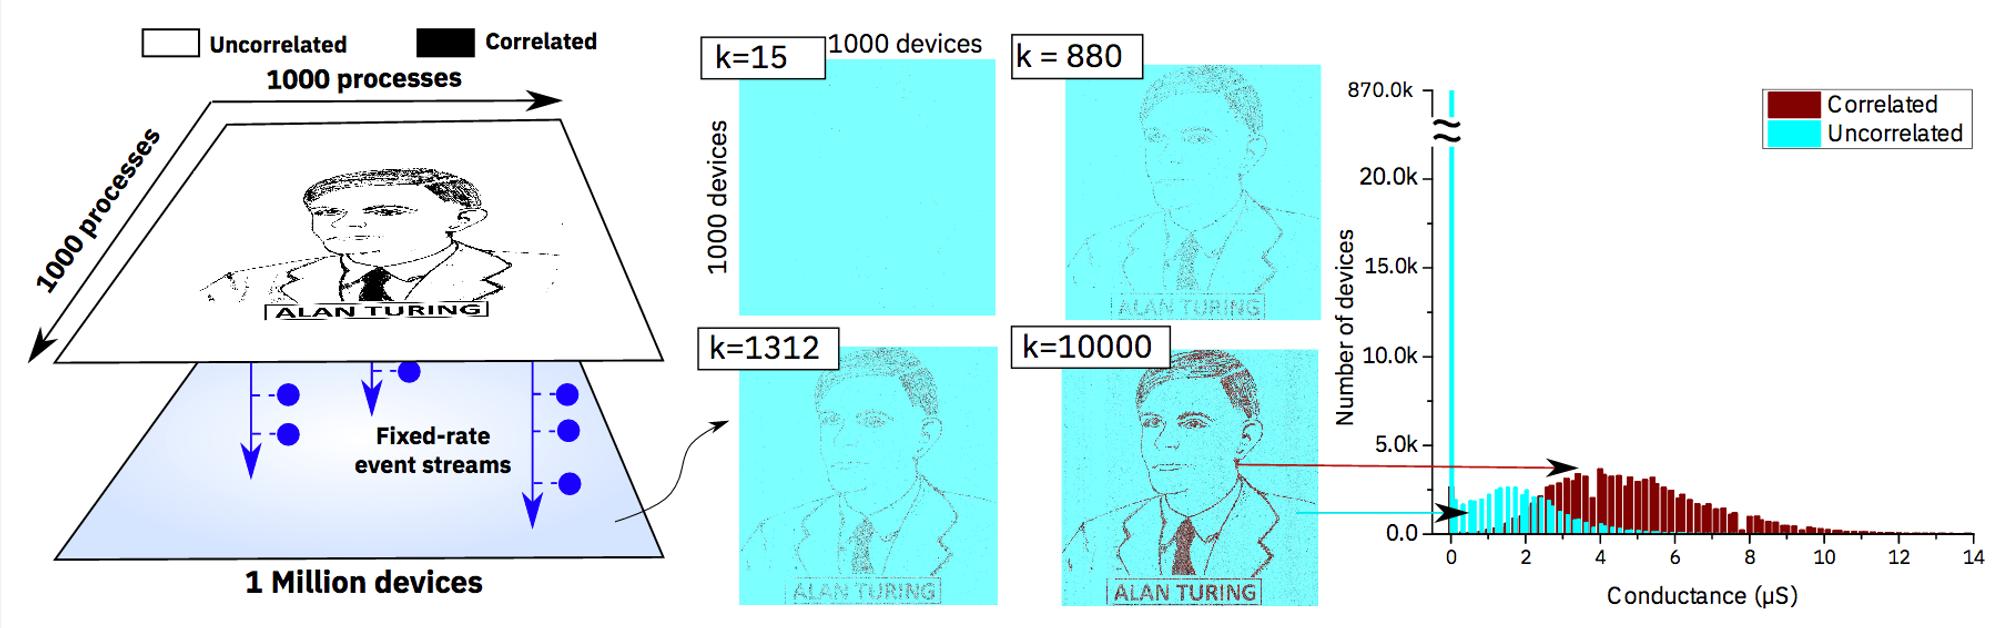 Systemet med PCM-er kunne finne ut hvilke av pikslene på enheten til venstre som var svarte ved å registrere svak korrelasjon mellom blinkingen til de svarte pikslene. Verdien k den midtre delen av bildet er en tidskonstant.